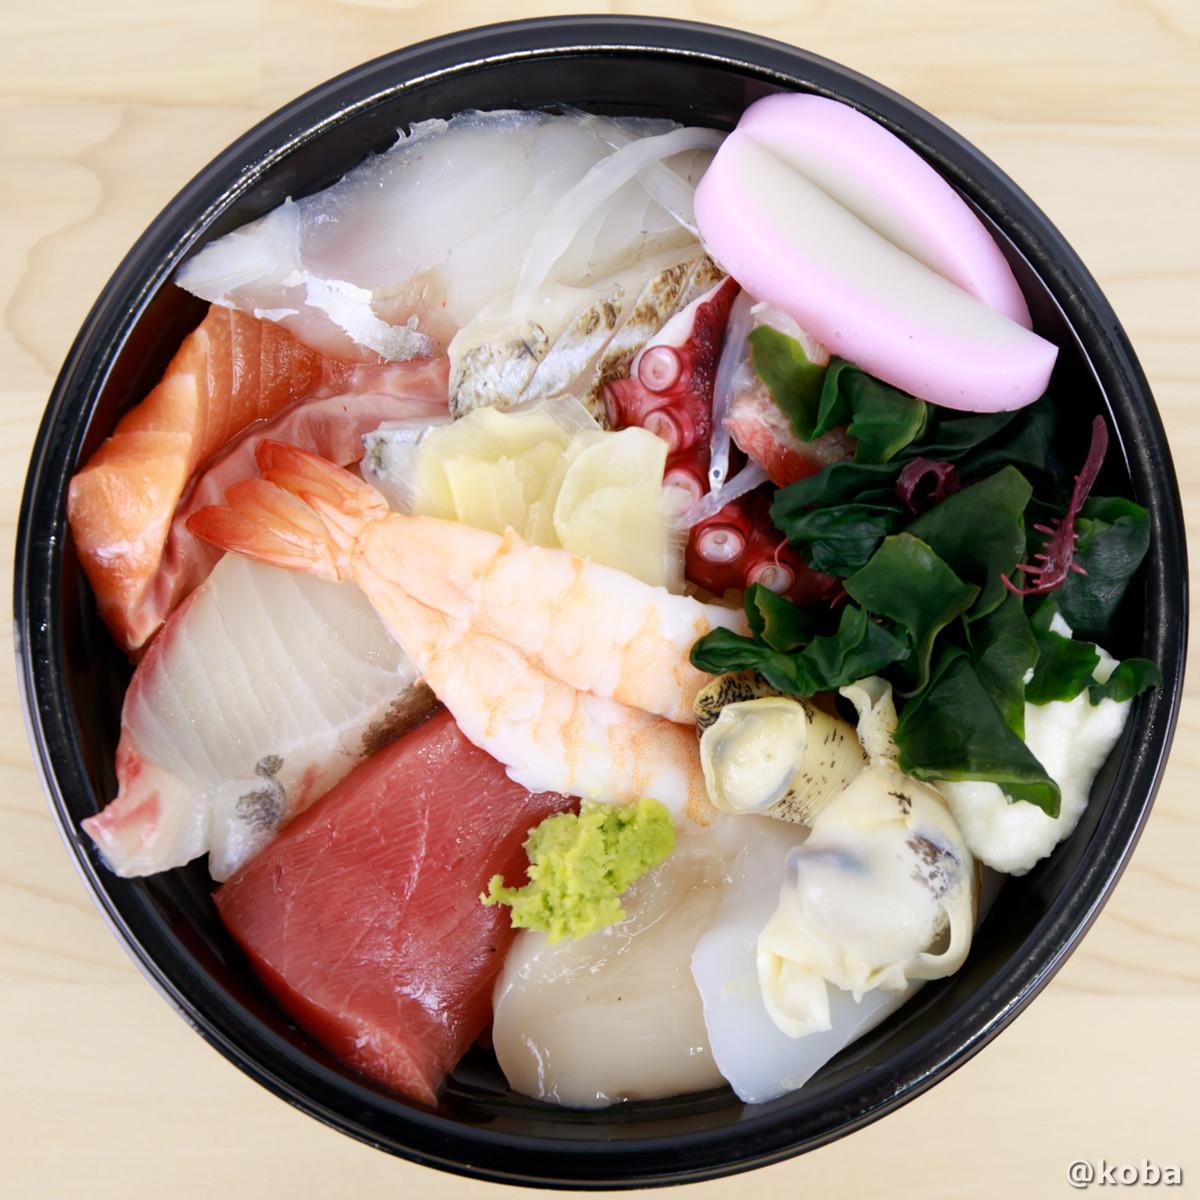 上から見た海鮮丼の写真|玉寿司(たまずし)テイクアウト ランチ|東京都葛飾区・新小岩|こばフォトブログ